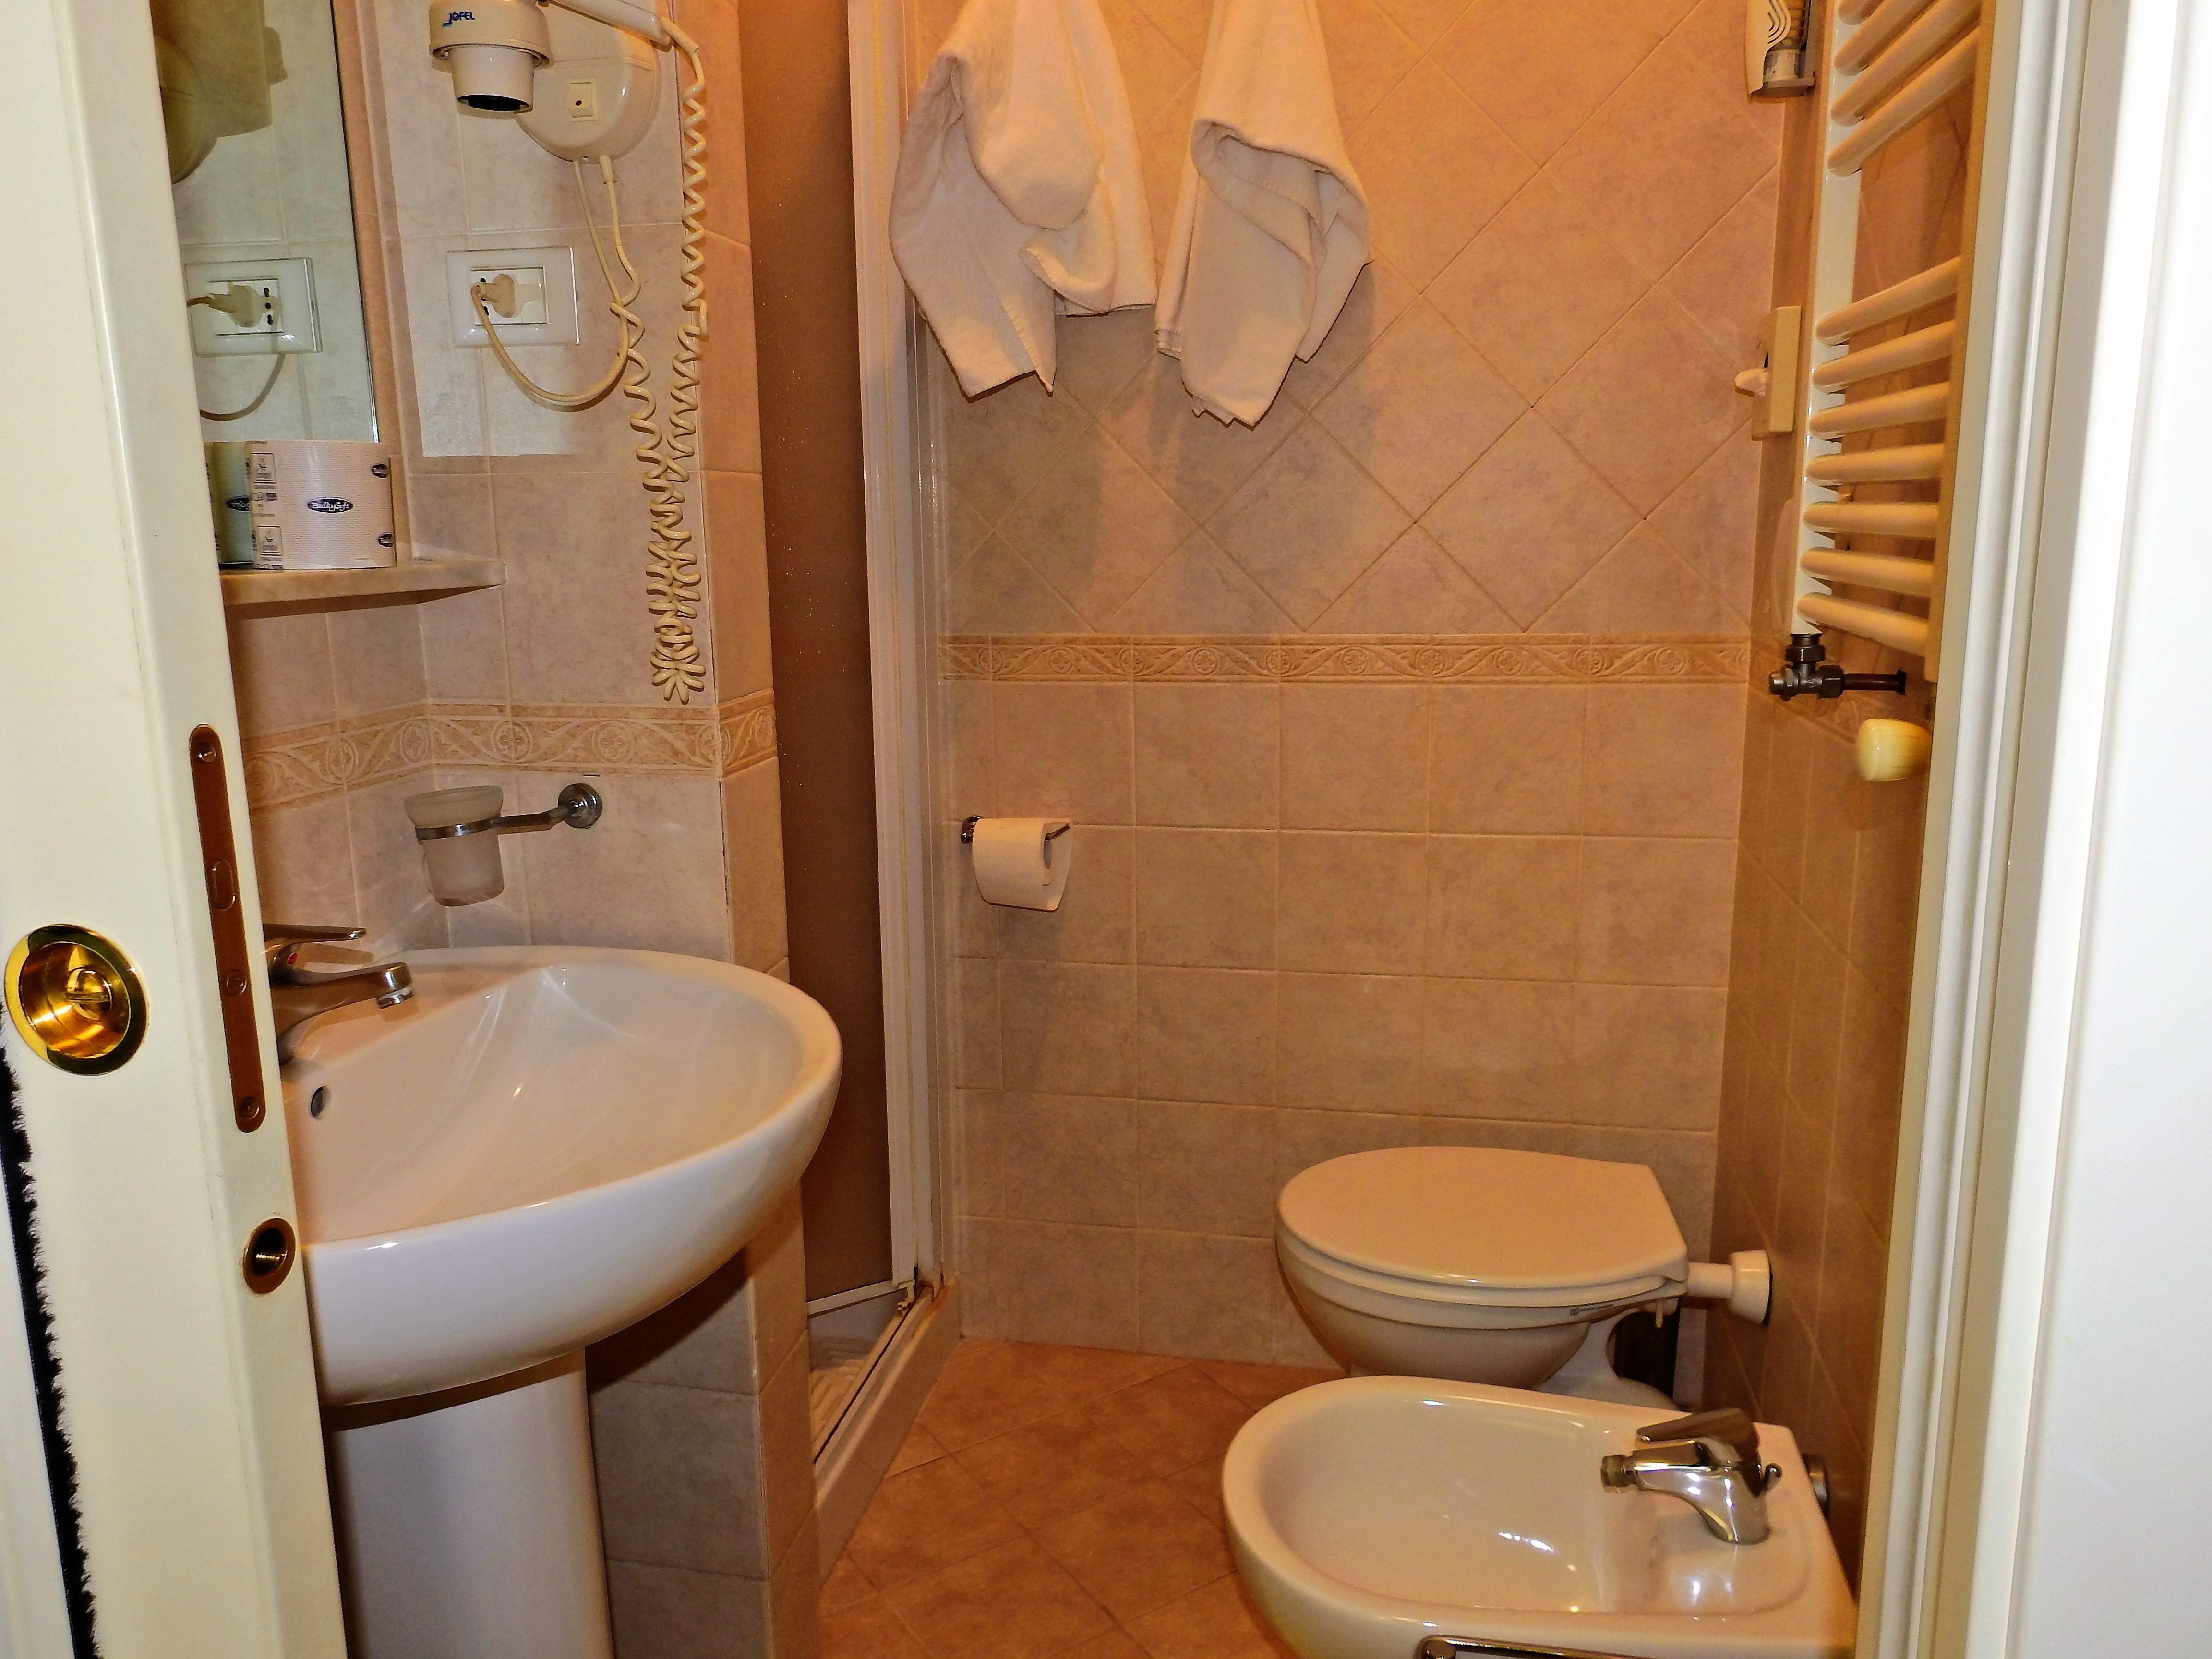 Camera tripla bagno privato hotel la torre pisa - Camping bagno privato ...